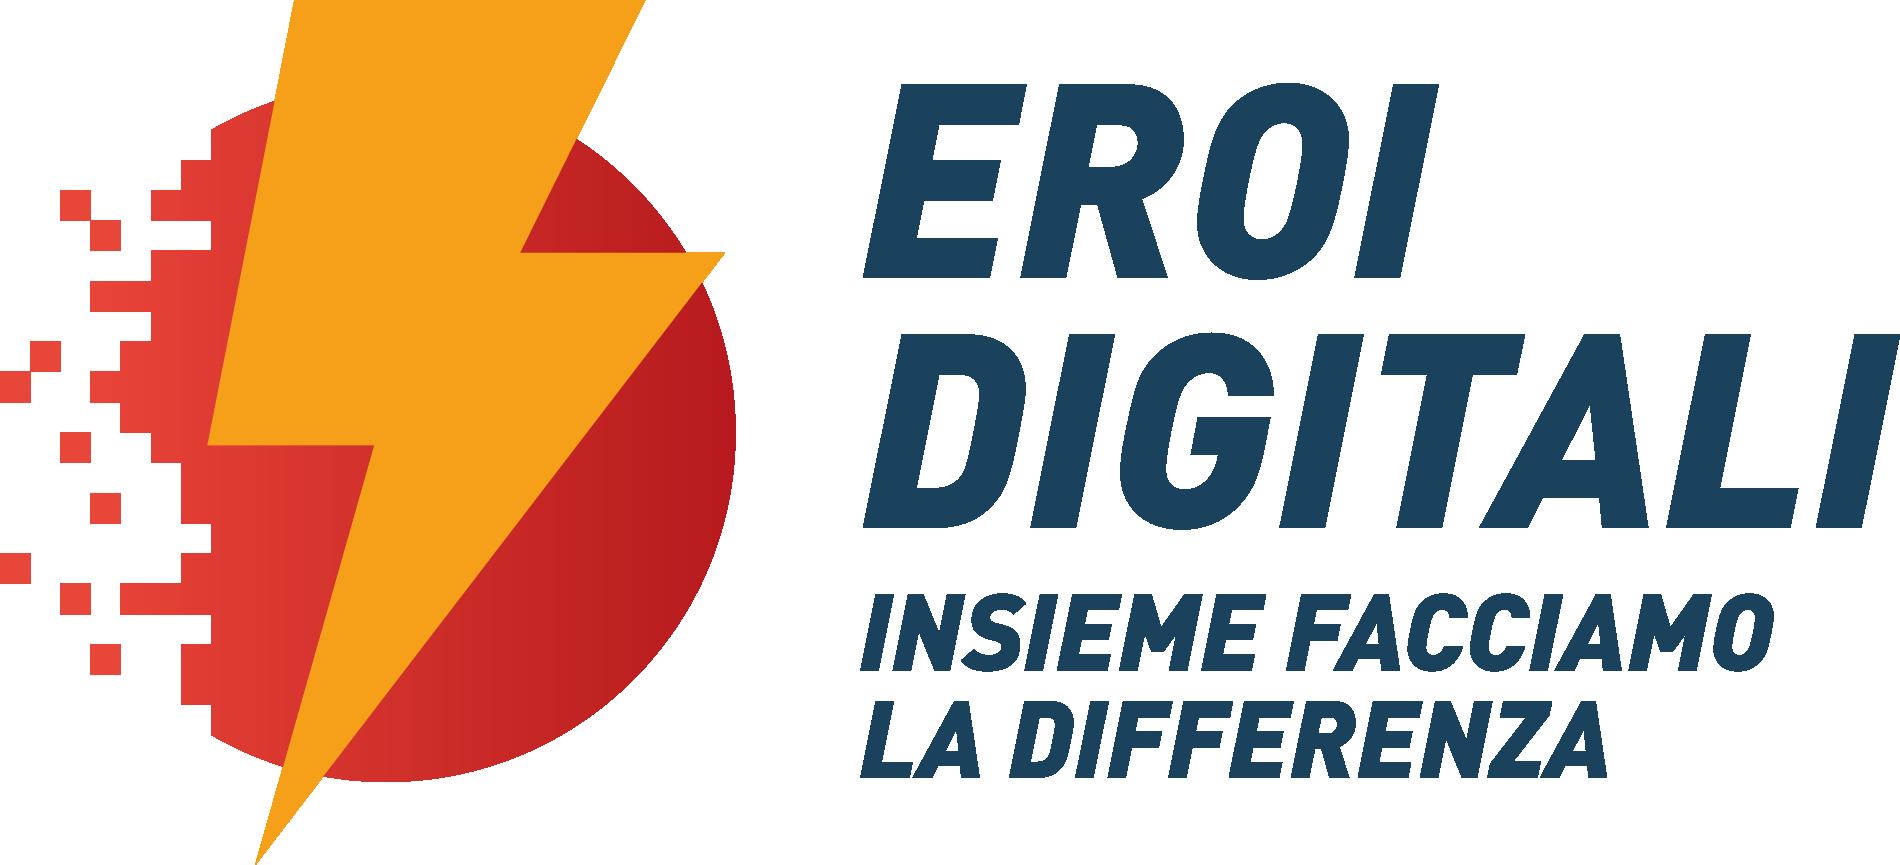 La Grande Festa Degli Eroi Digitali